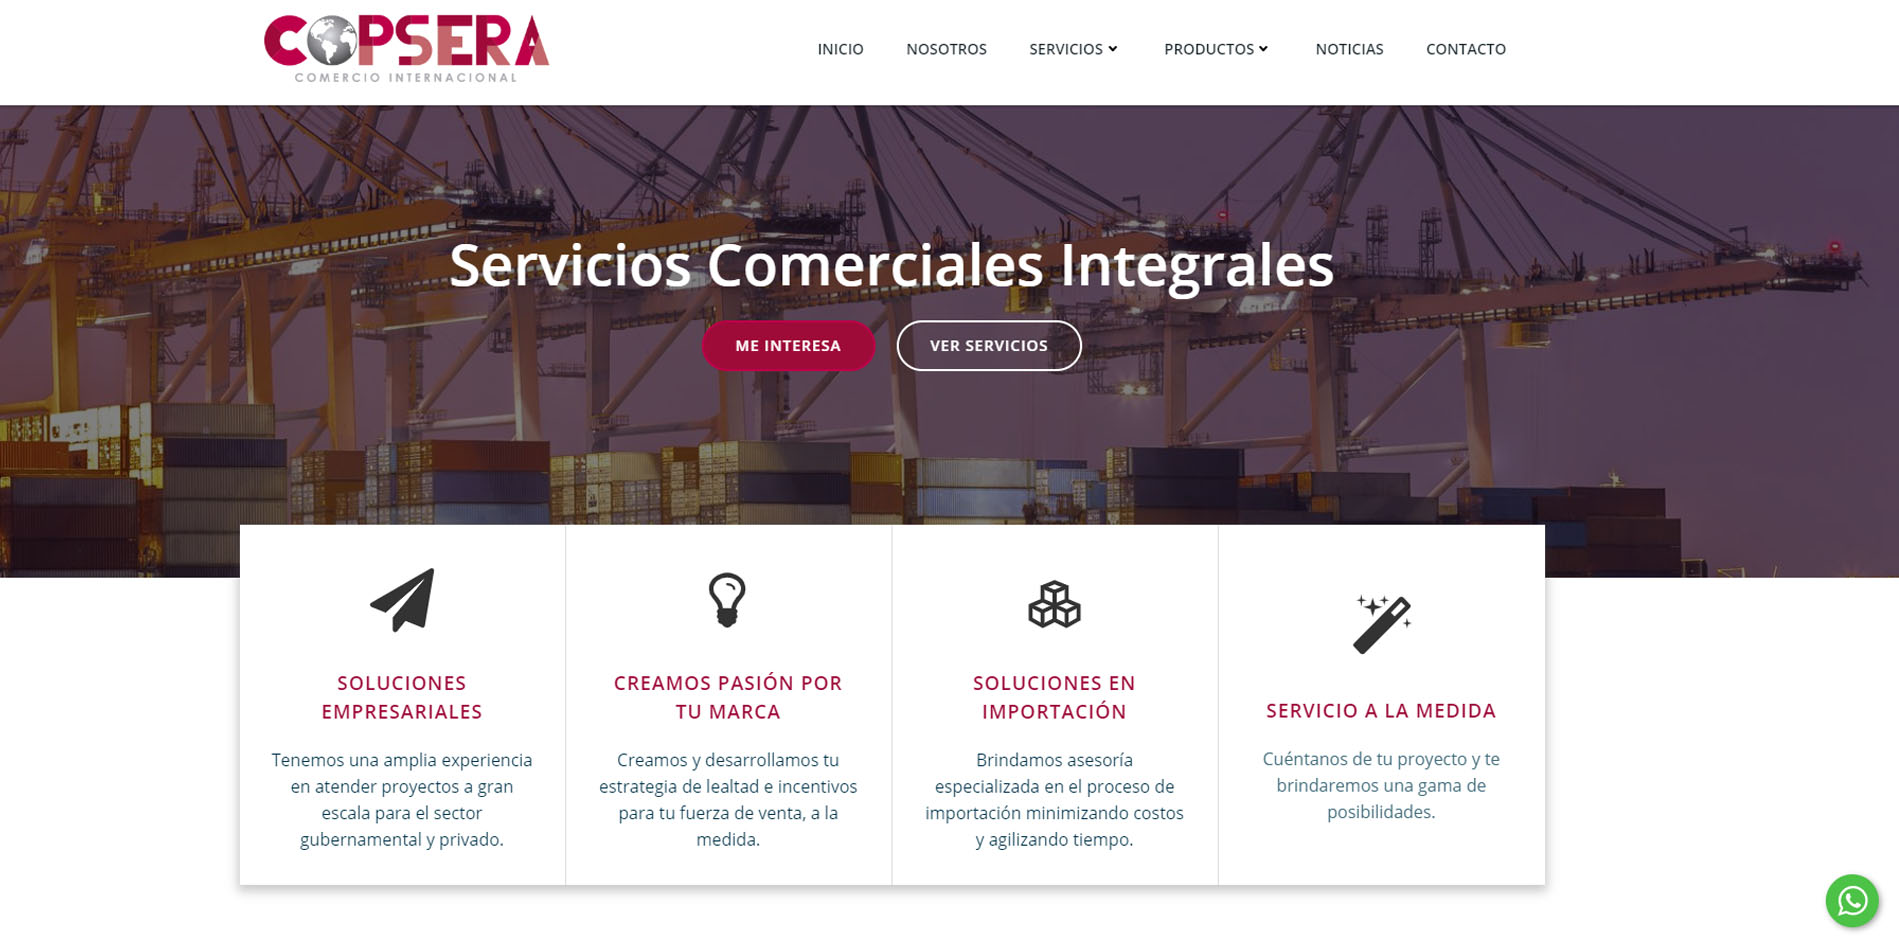 Páginas web en CIUDAD DE MÉXICO | 2015